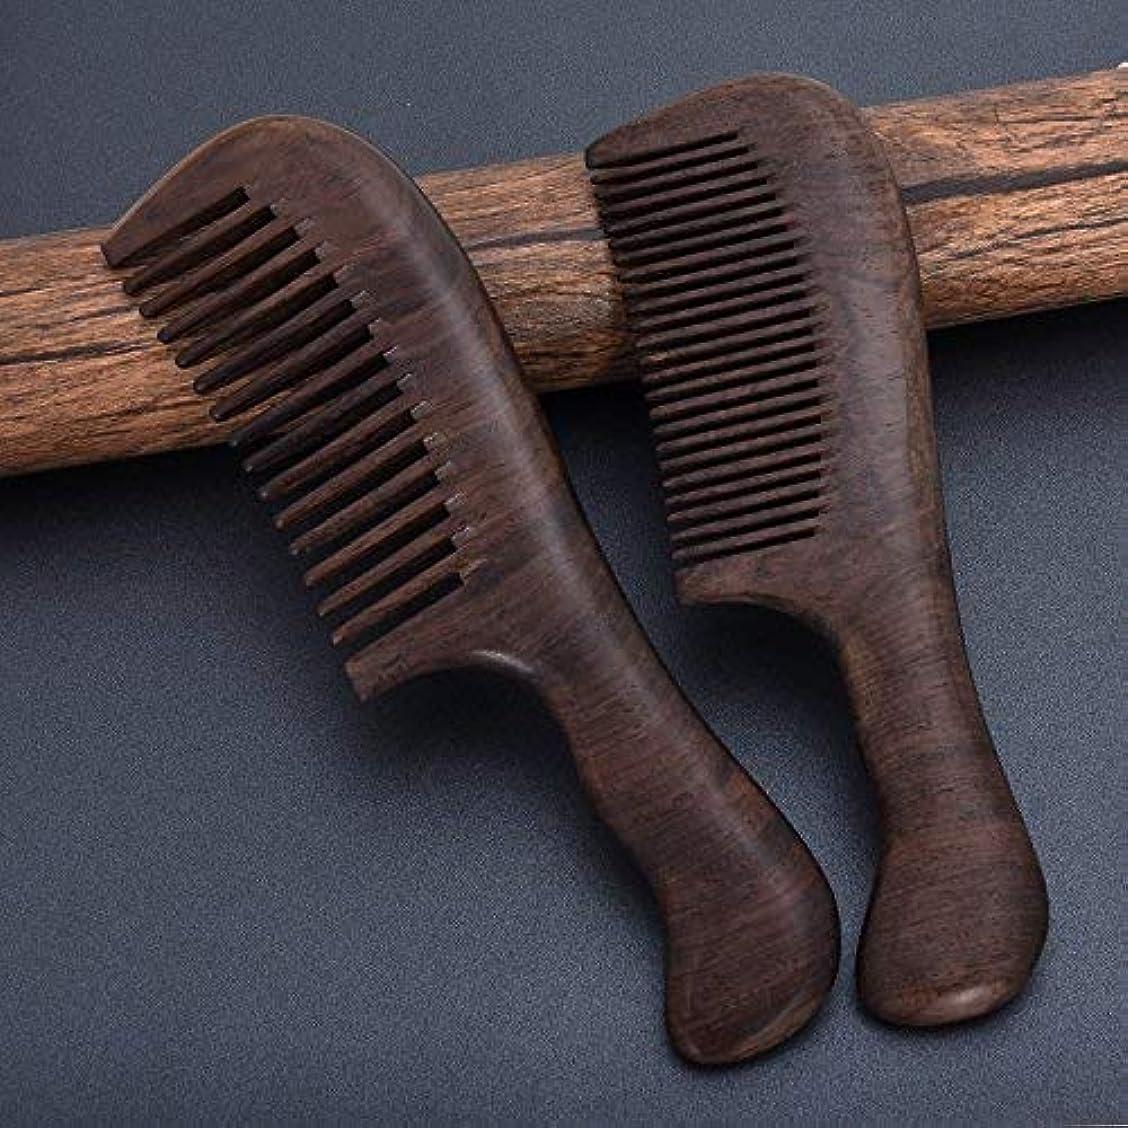 睡眠デマンドベリーBlack Sandalwood Hair Comb, Pack of 2 Anti-static 8 inches Wooden Comb Set with Natural Aroma, A Standard Comb...